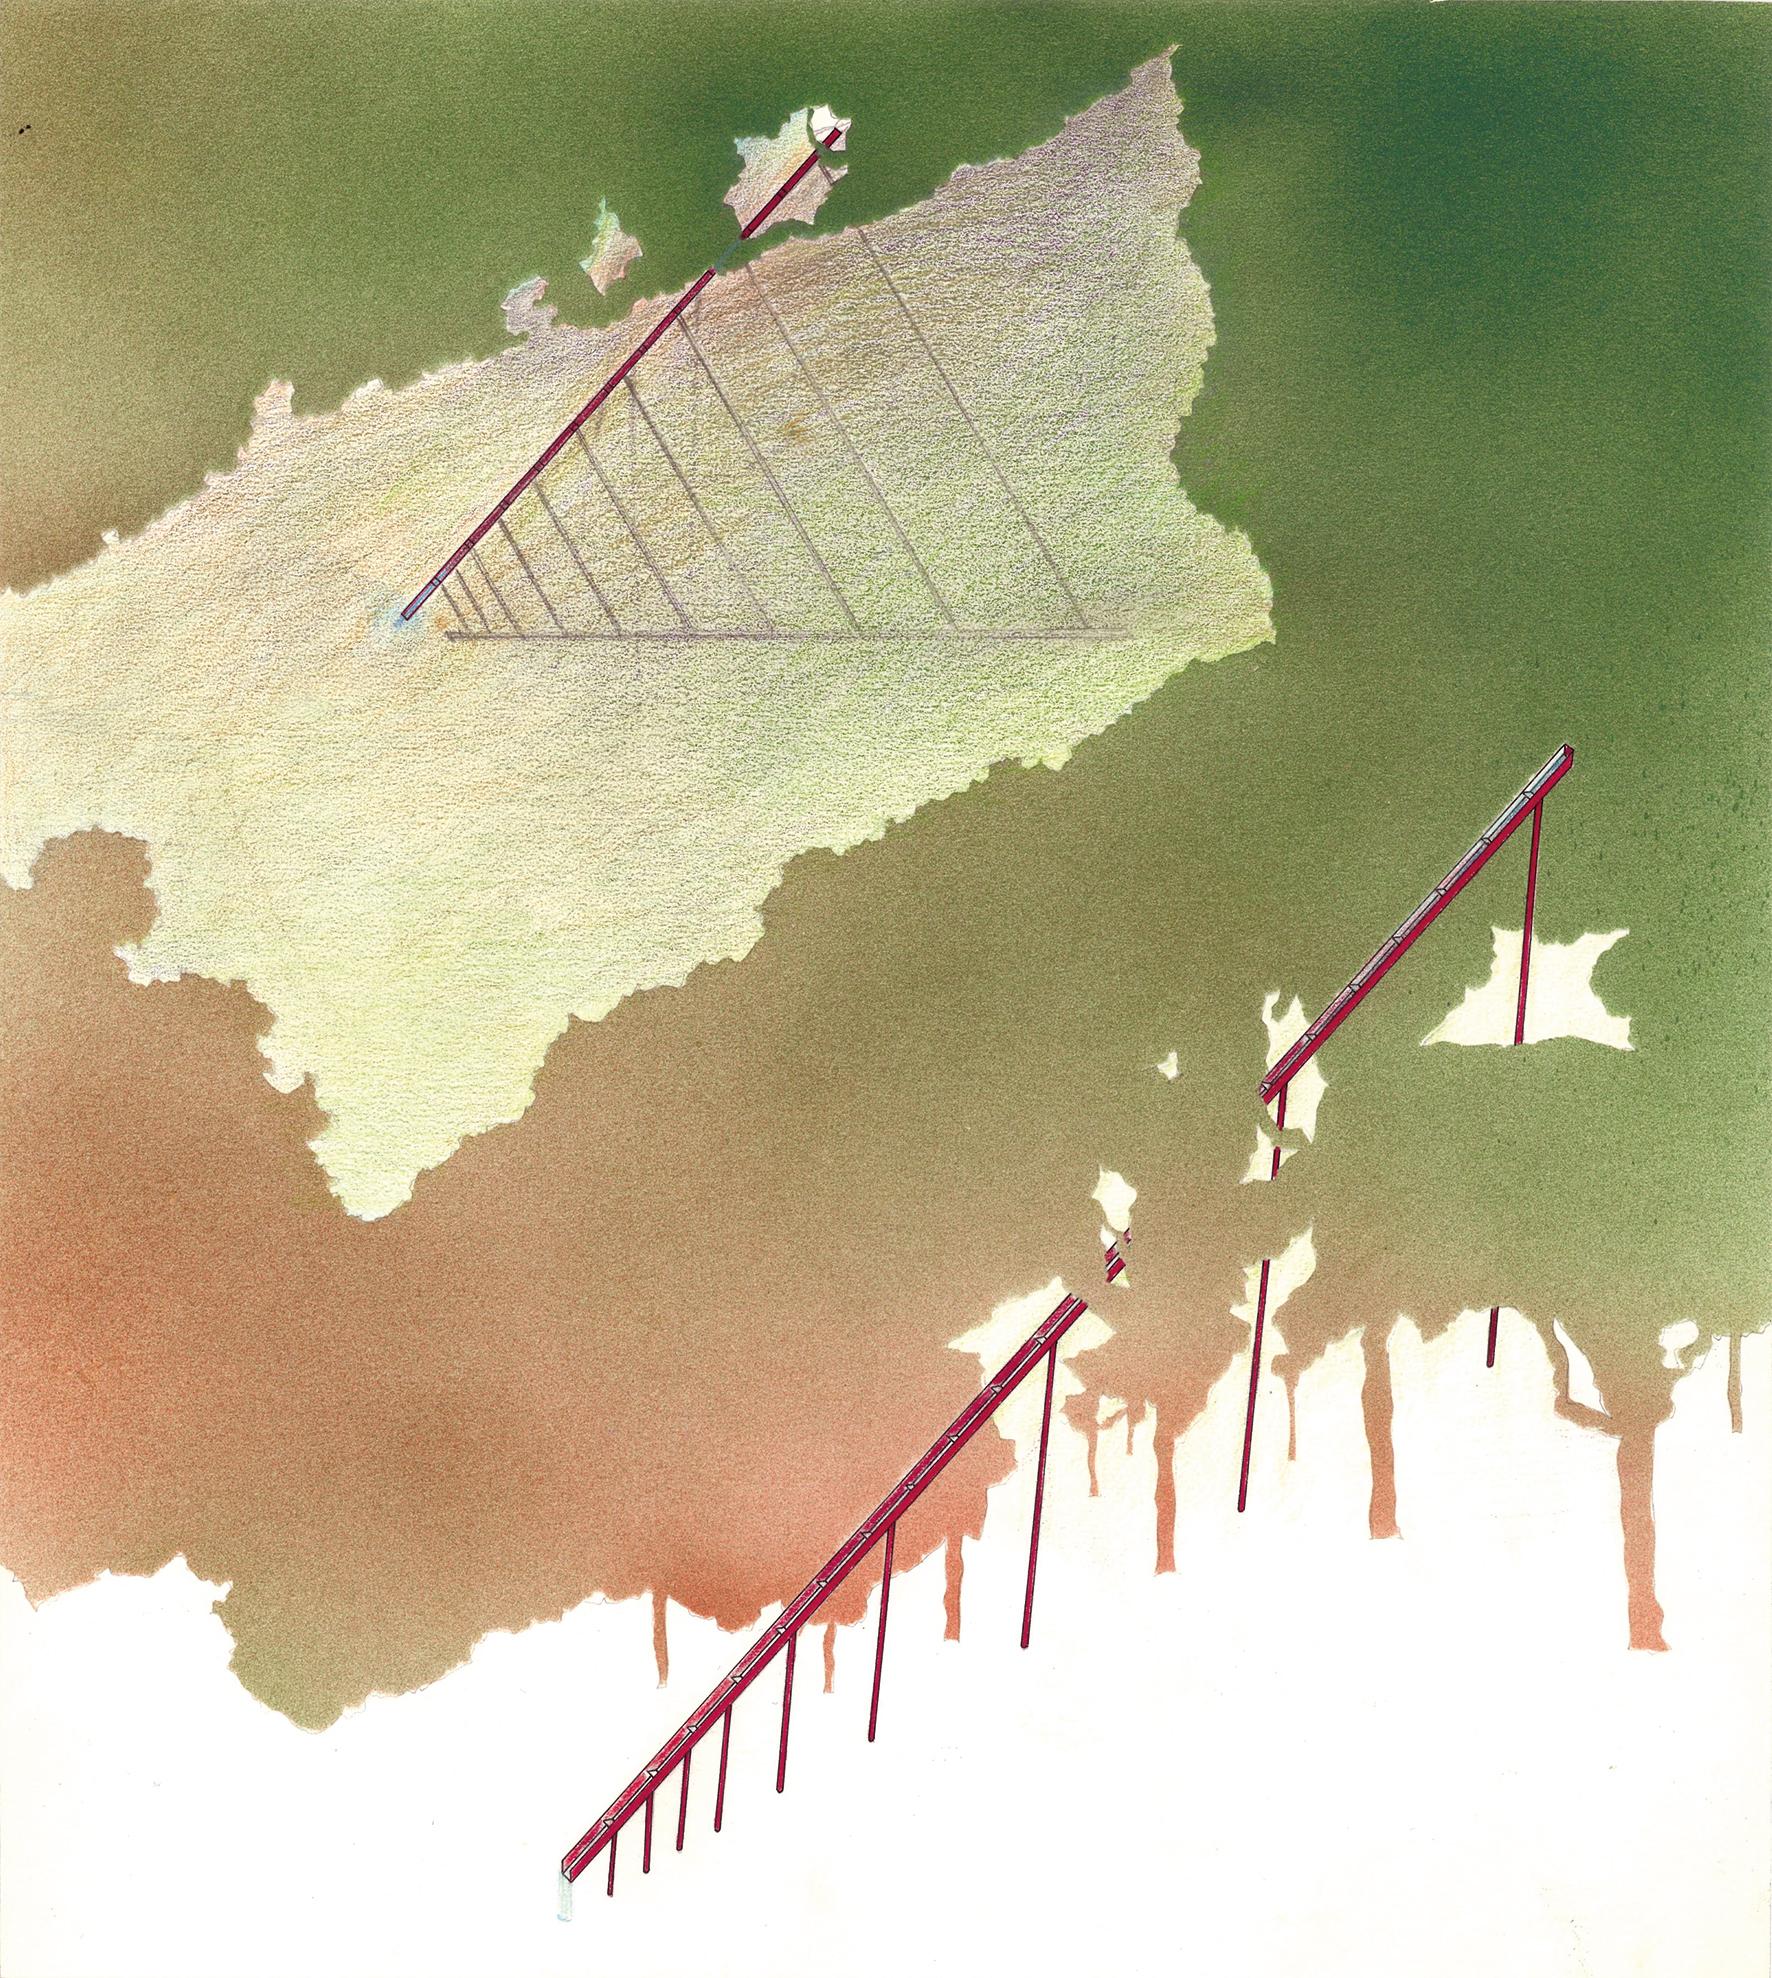 Station thermale, La Léchère (Savoie) No.7 , 1986 Airbrush painting, pencil on paper 30.3 x 27.2 cm